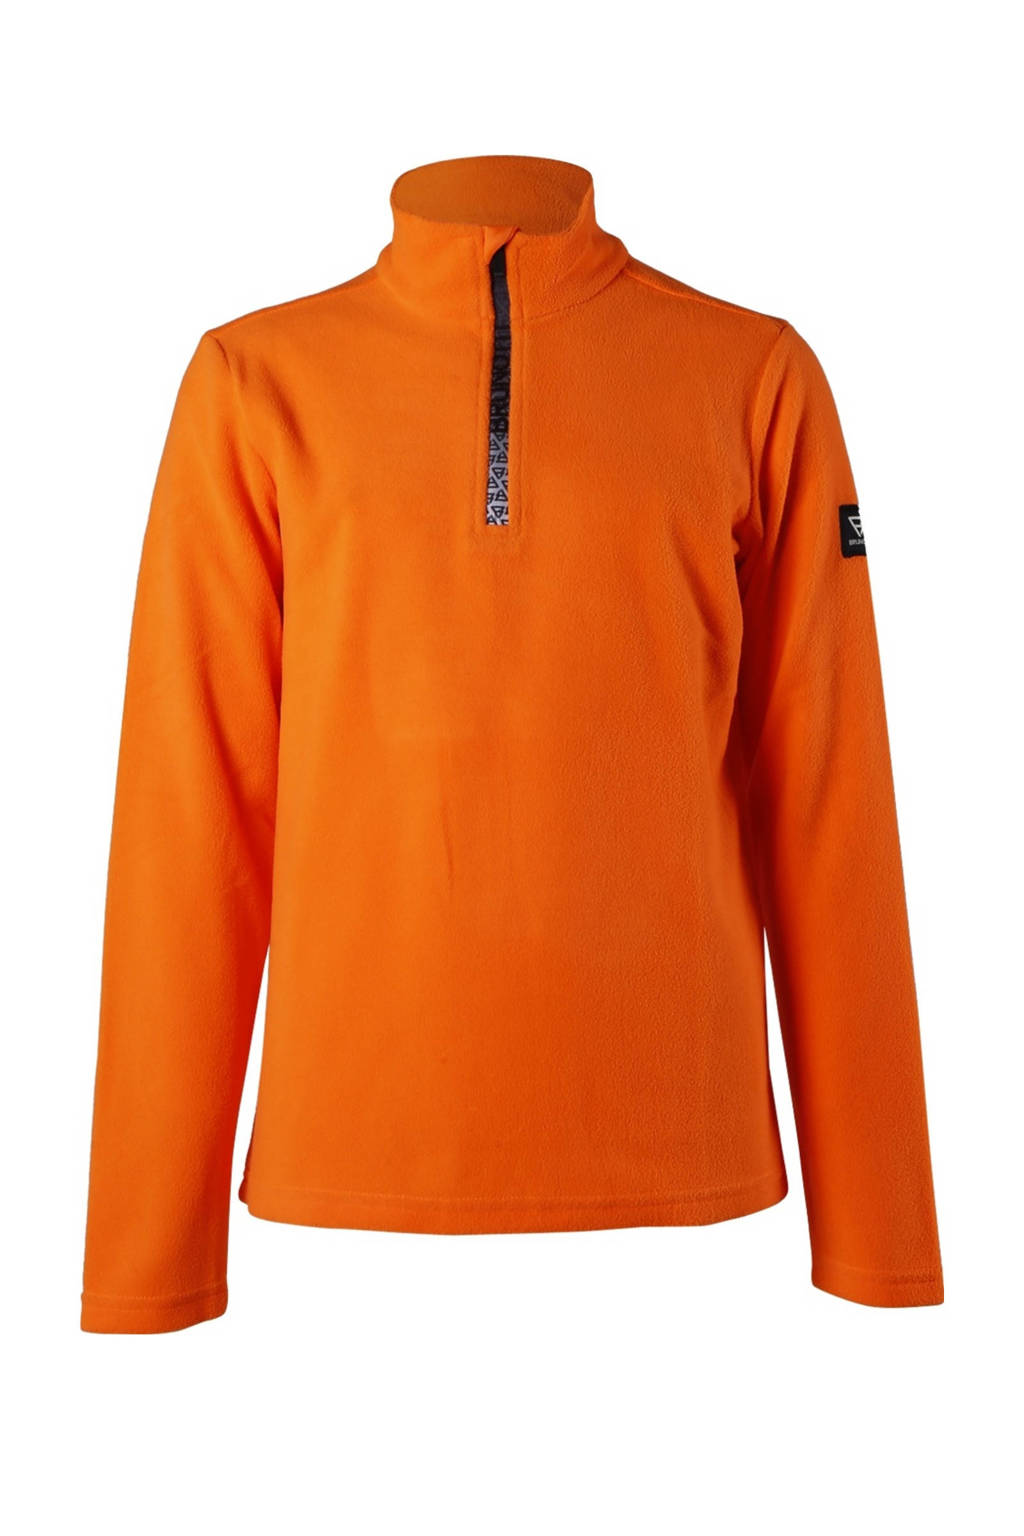 Brunotti skipully Tenno JR oranje, Oranje